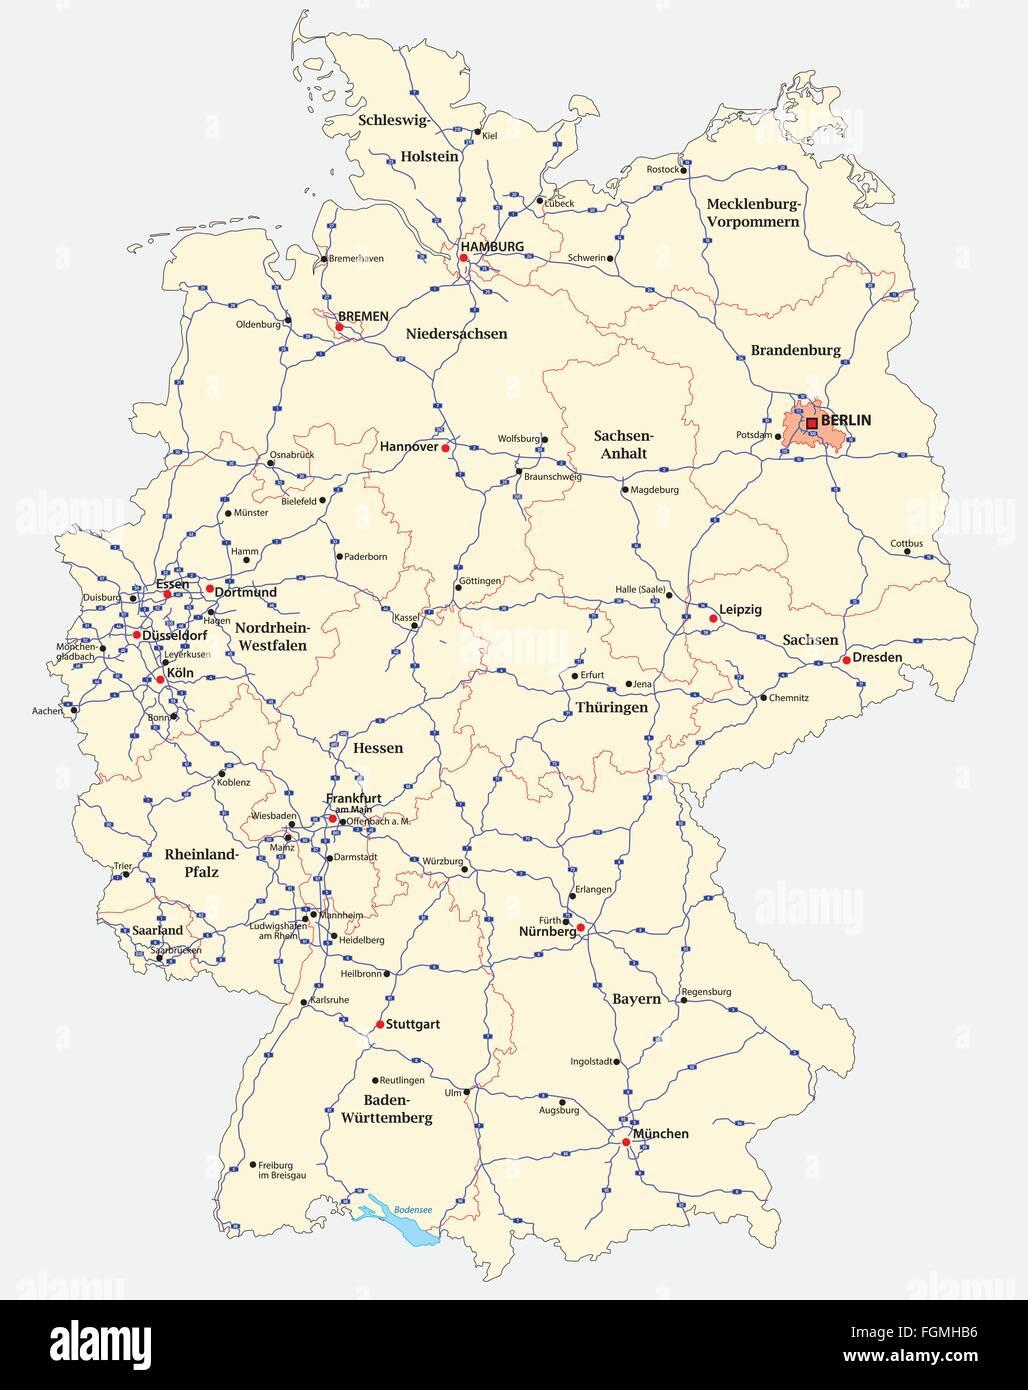 Deutschland Karte Autobahnen Und Städte.Landkarte Deutschland Stockfotos Landkarte Deutschland Bilder Alamy